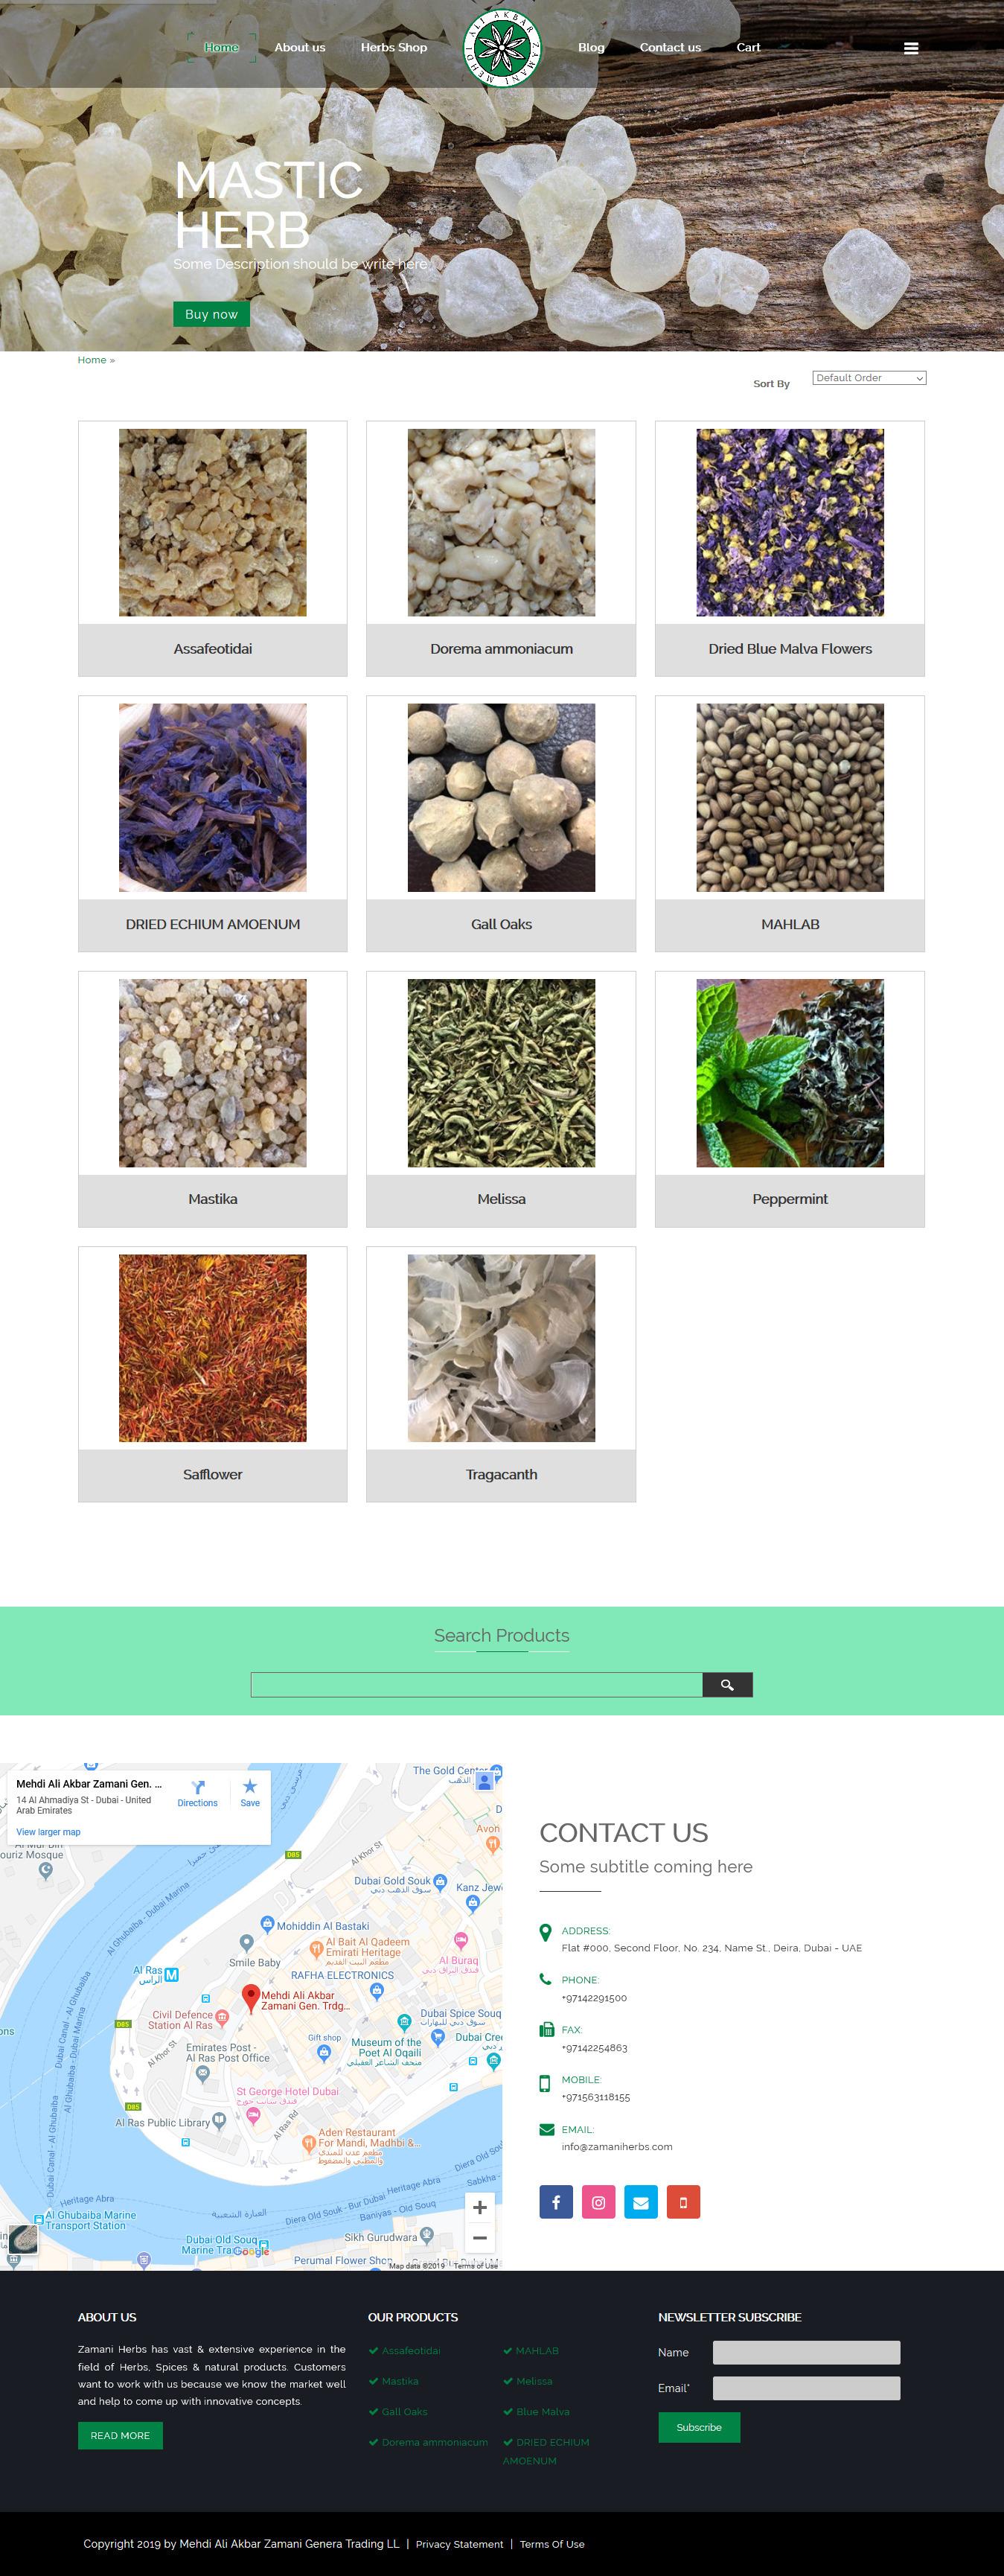 تصویری از صفحه نخست وبسایت فروشگاه داروهای گیاهی زمانی دوبی